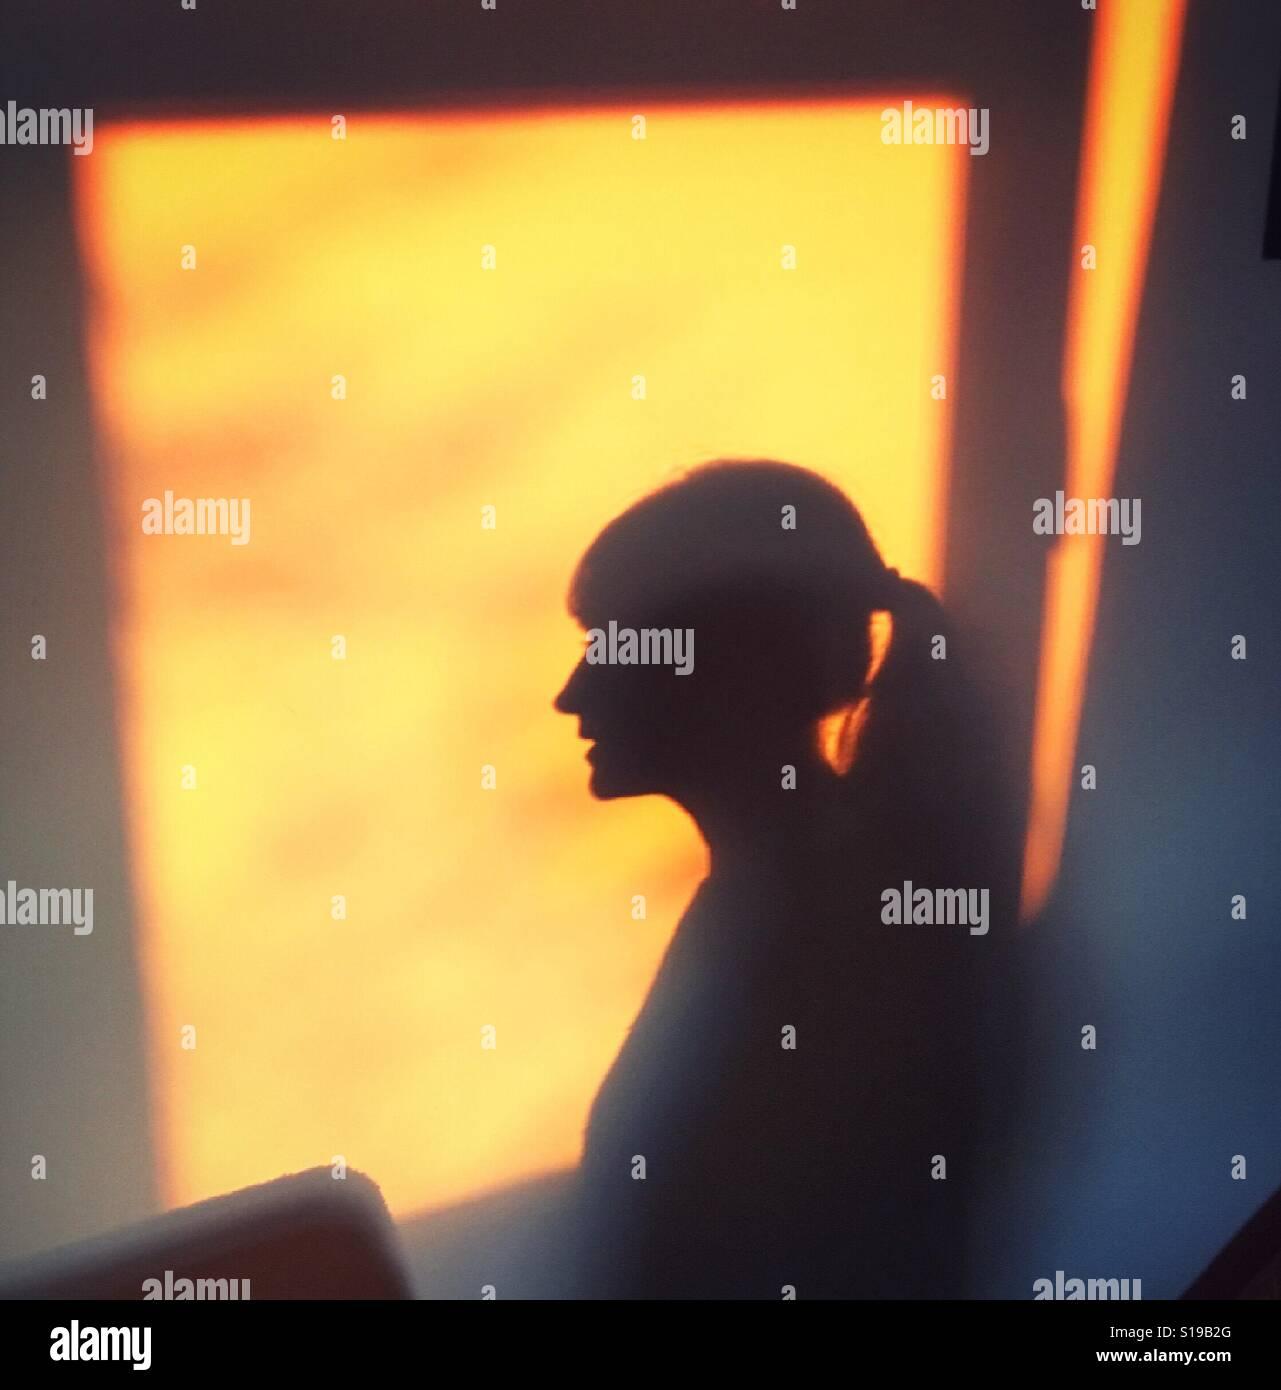 Pomeriggio silhouette della giovane donna Immagini Stock